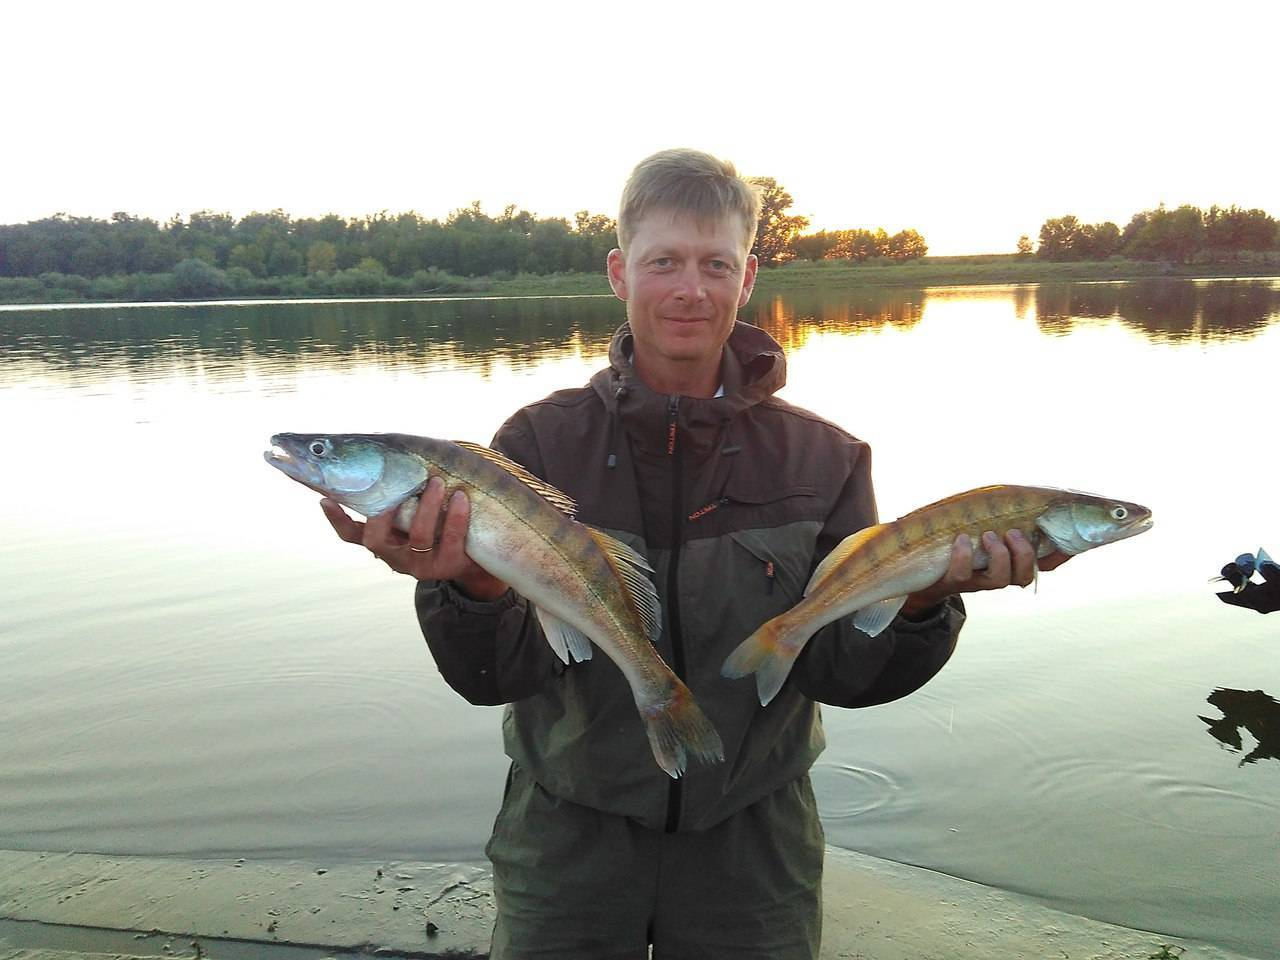 Рыбалка на волхове с берега: лучшие места для ловли, какие виды рыб водятся